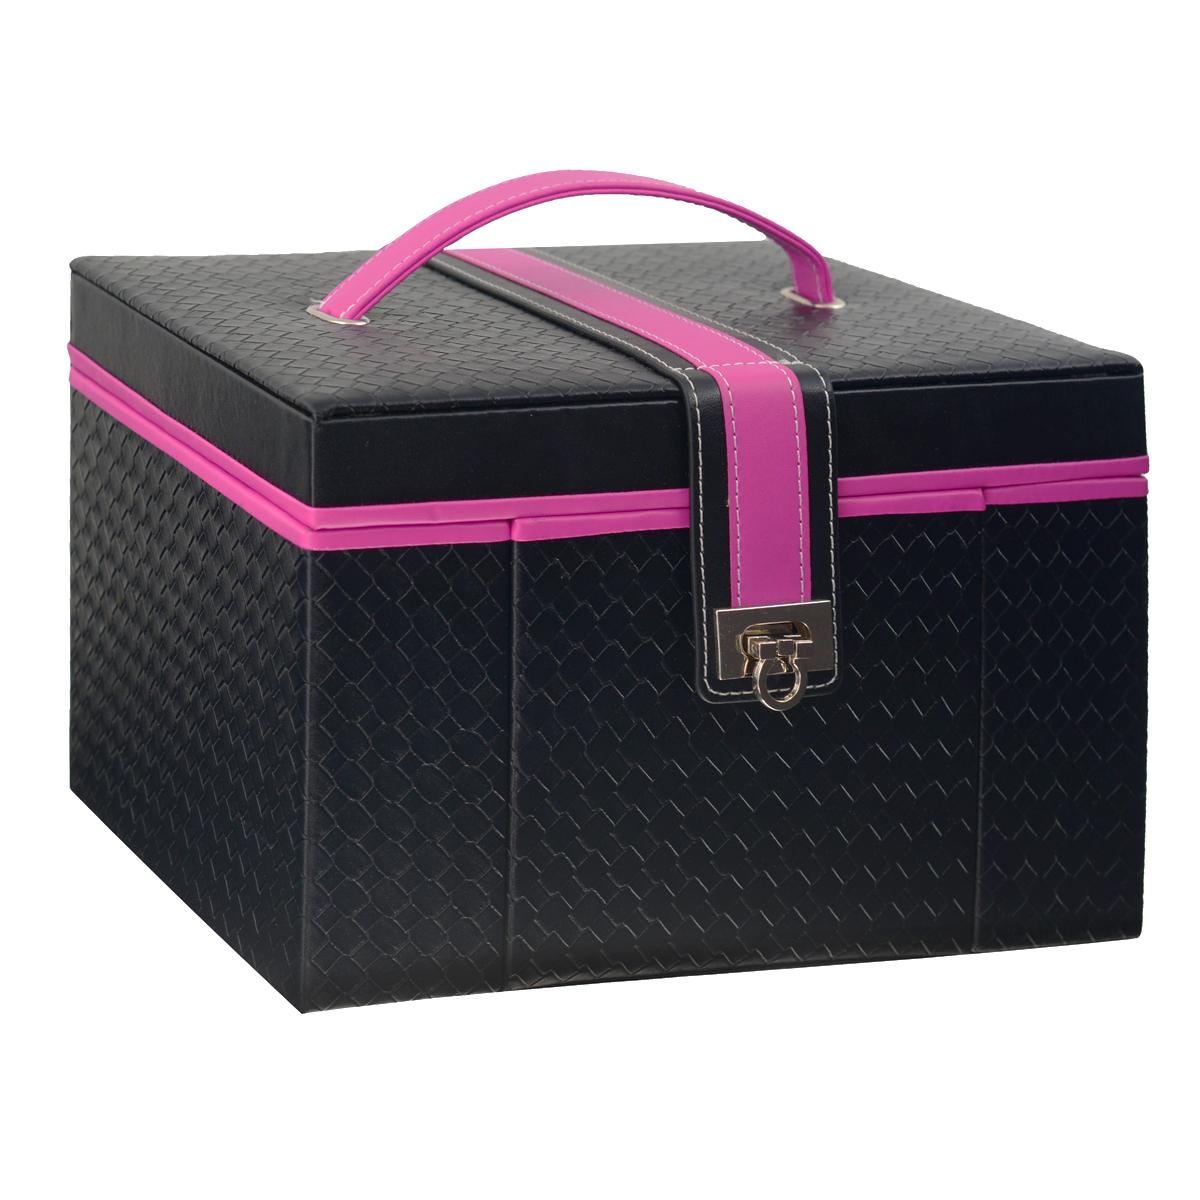 Шкатулка для украшений Graceful, цвет: черный, розовый